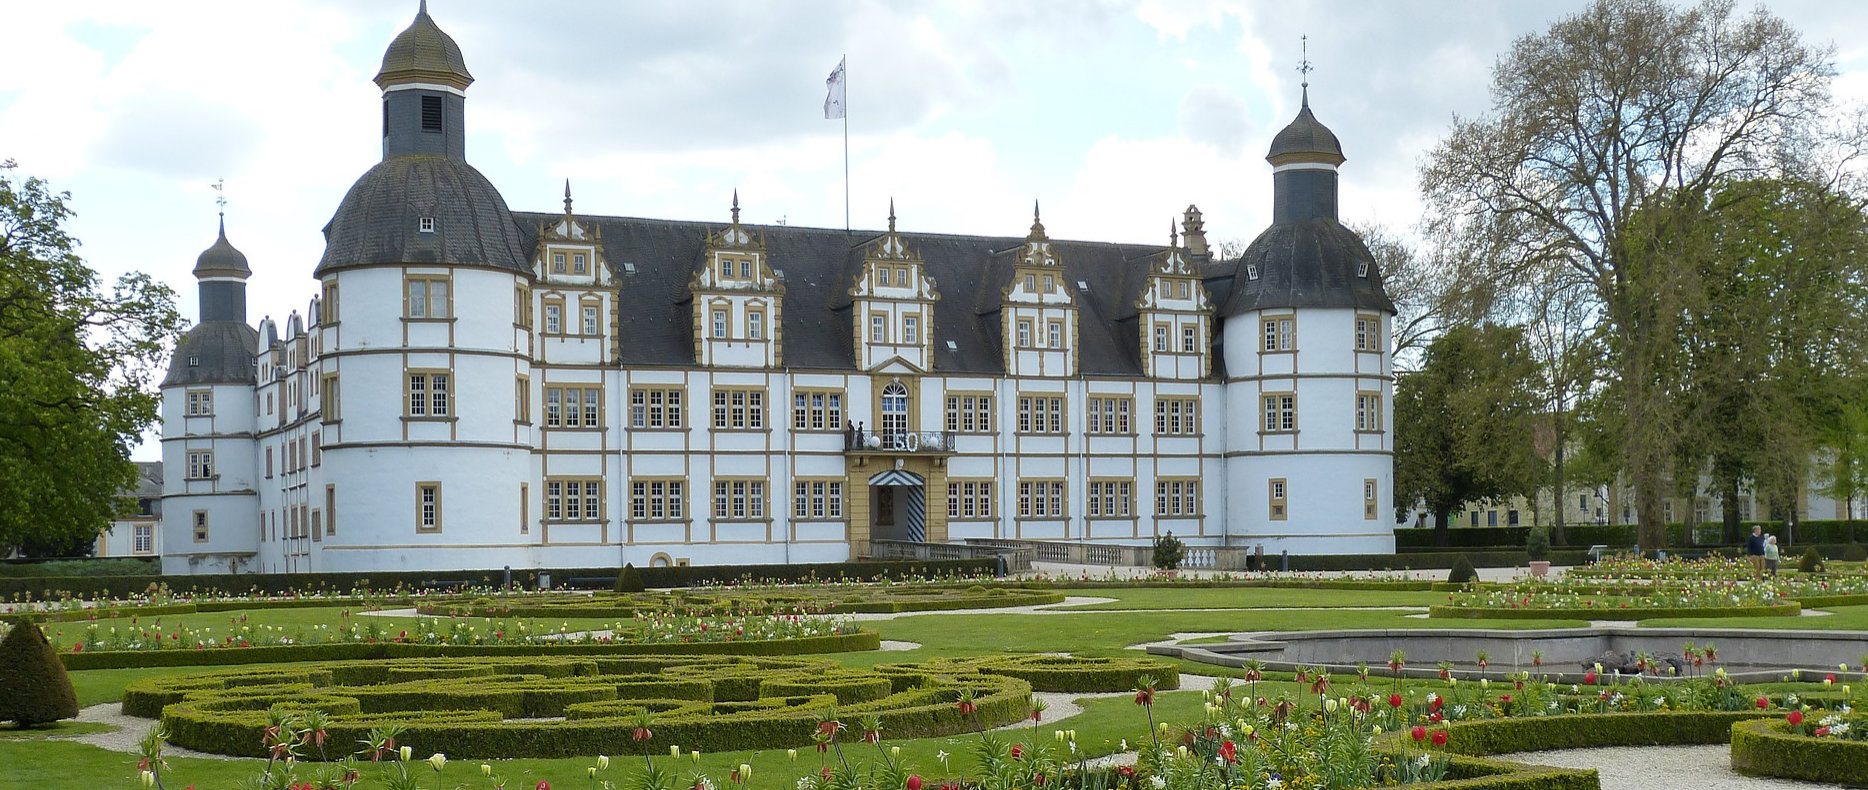 Opening CastleSummer 2020 - Schloß Neuhaus